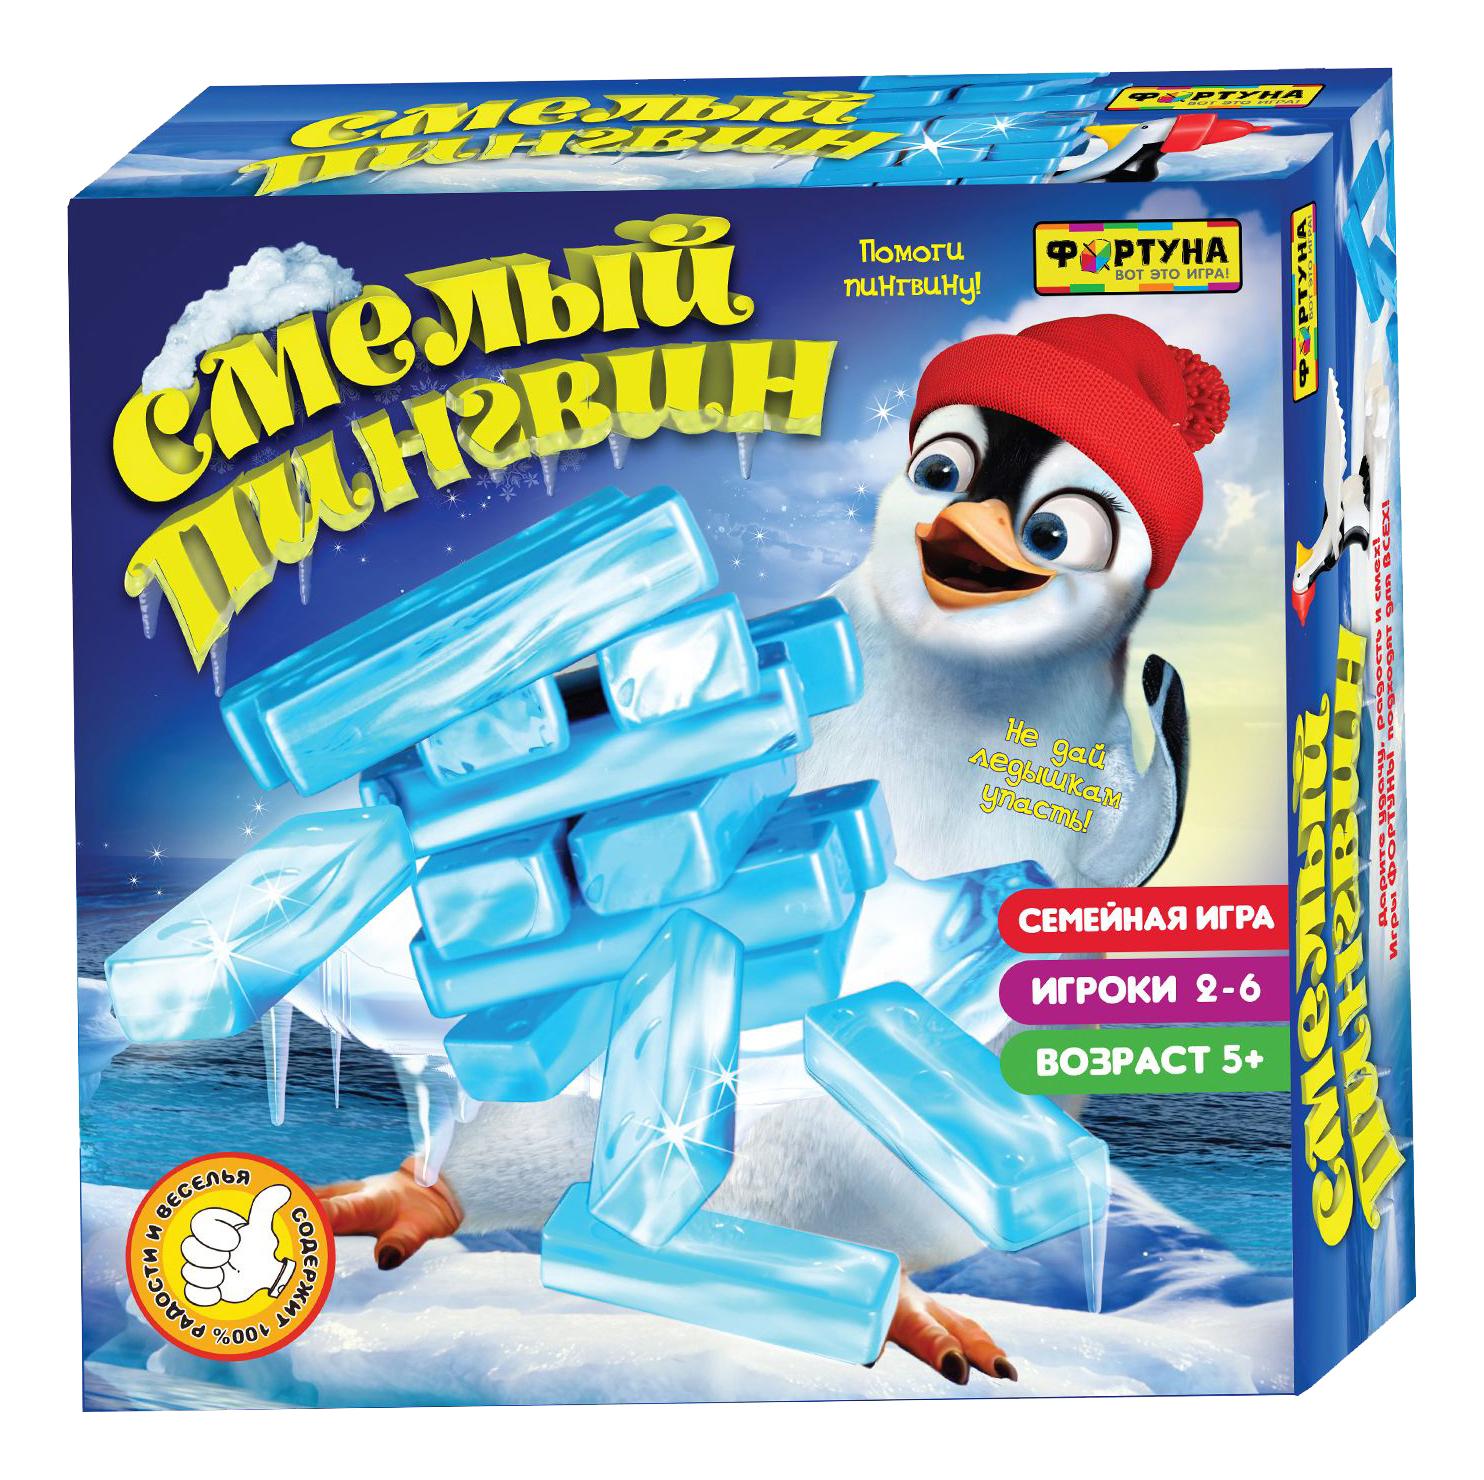 Купить Настольная игра Фортуна Смелый пингвин, Семейные настольные игры